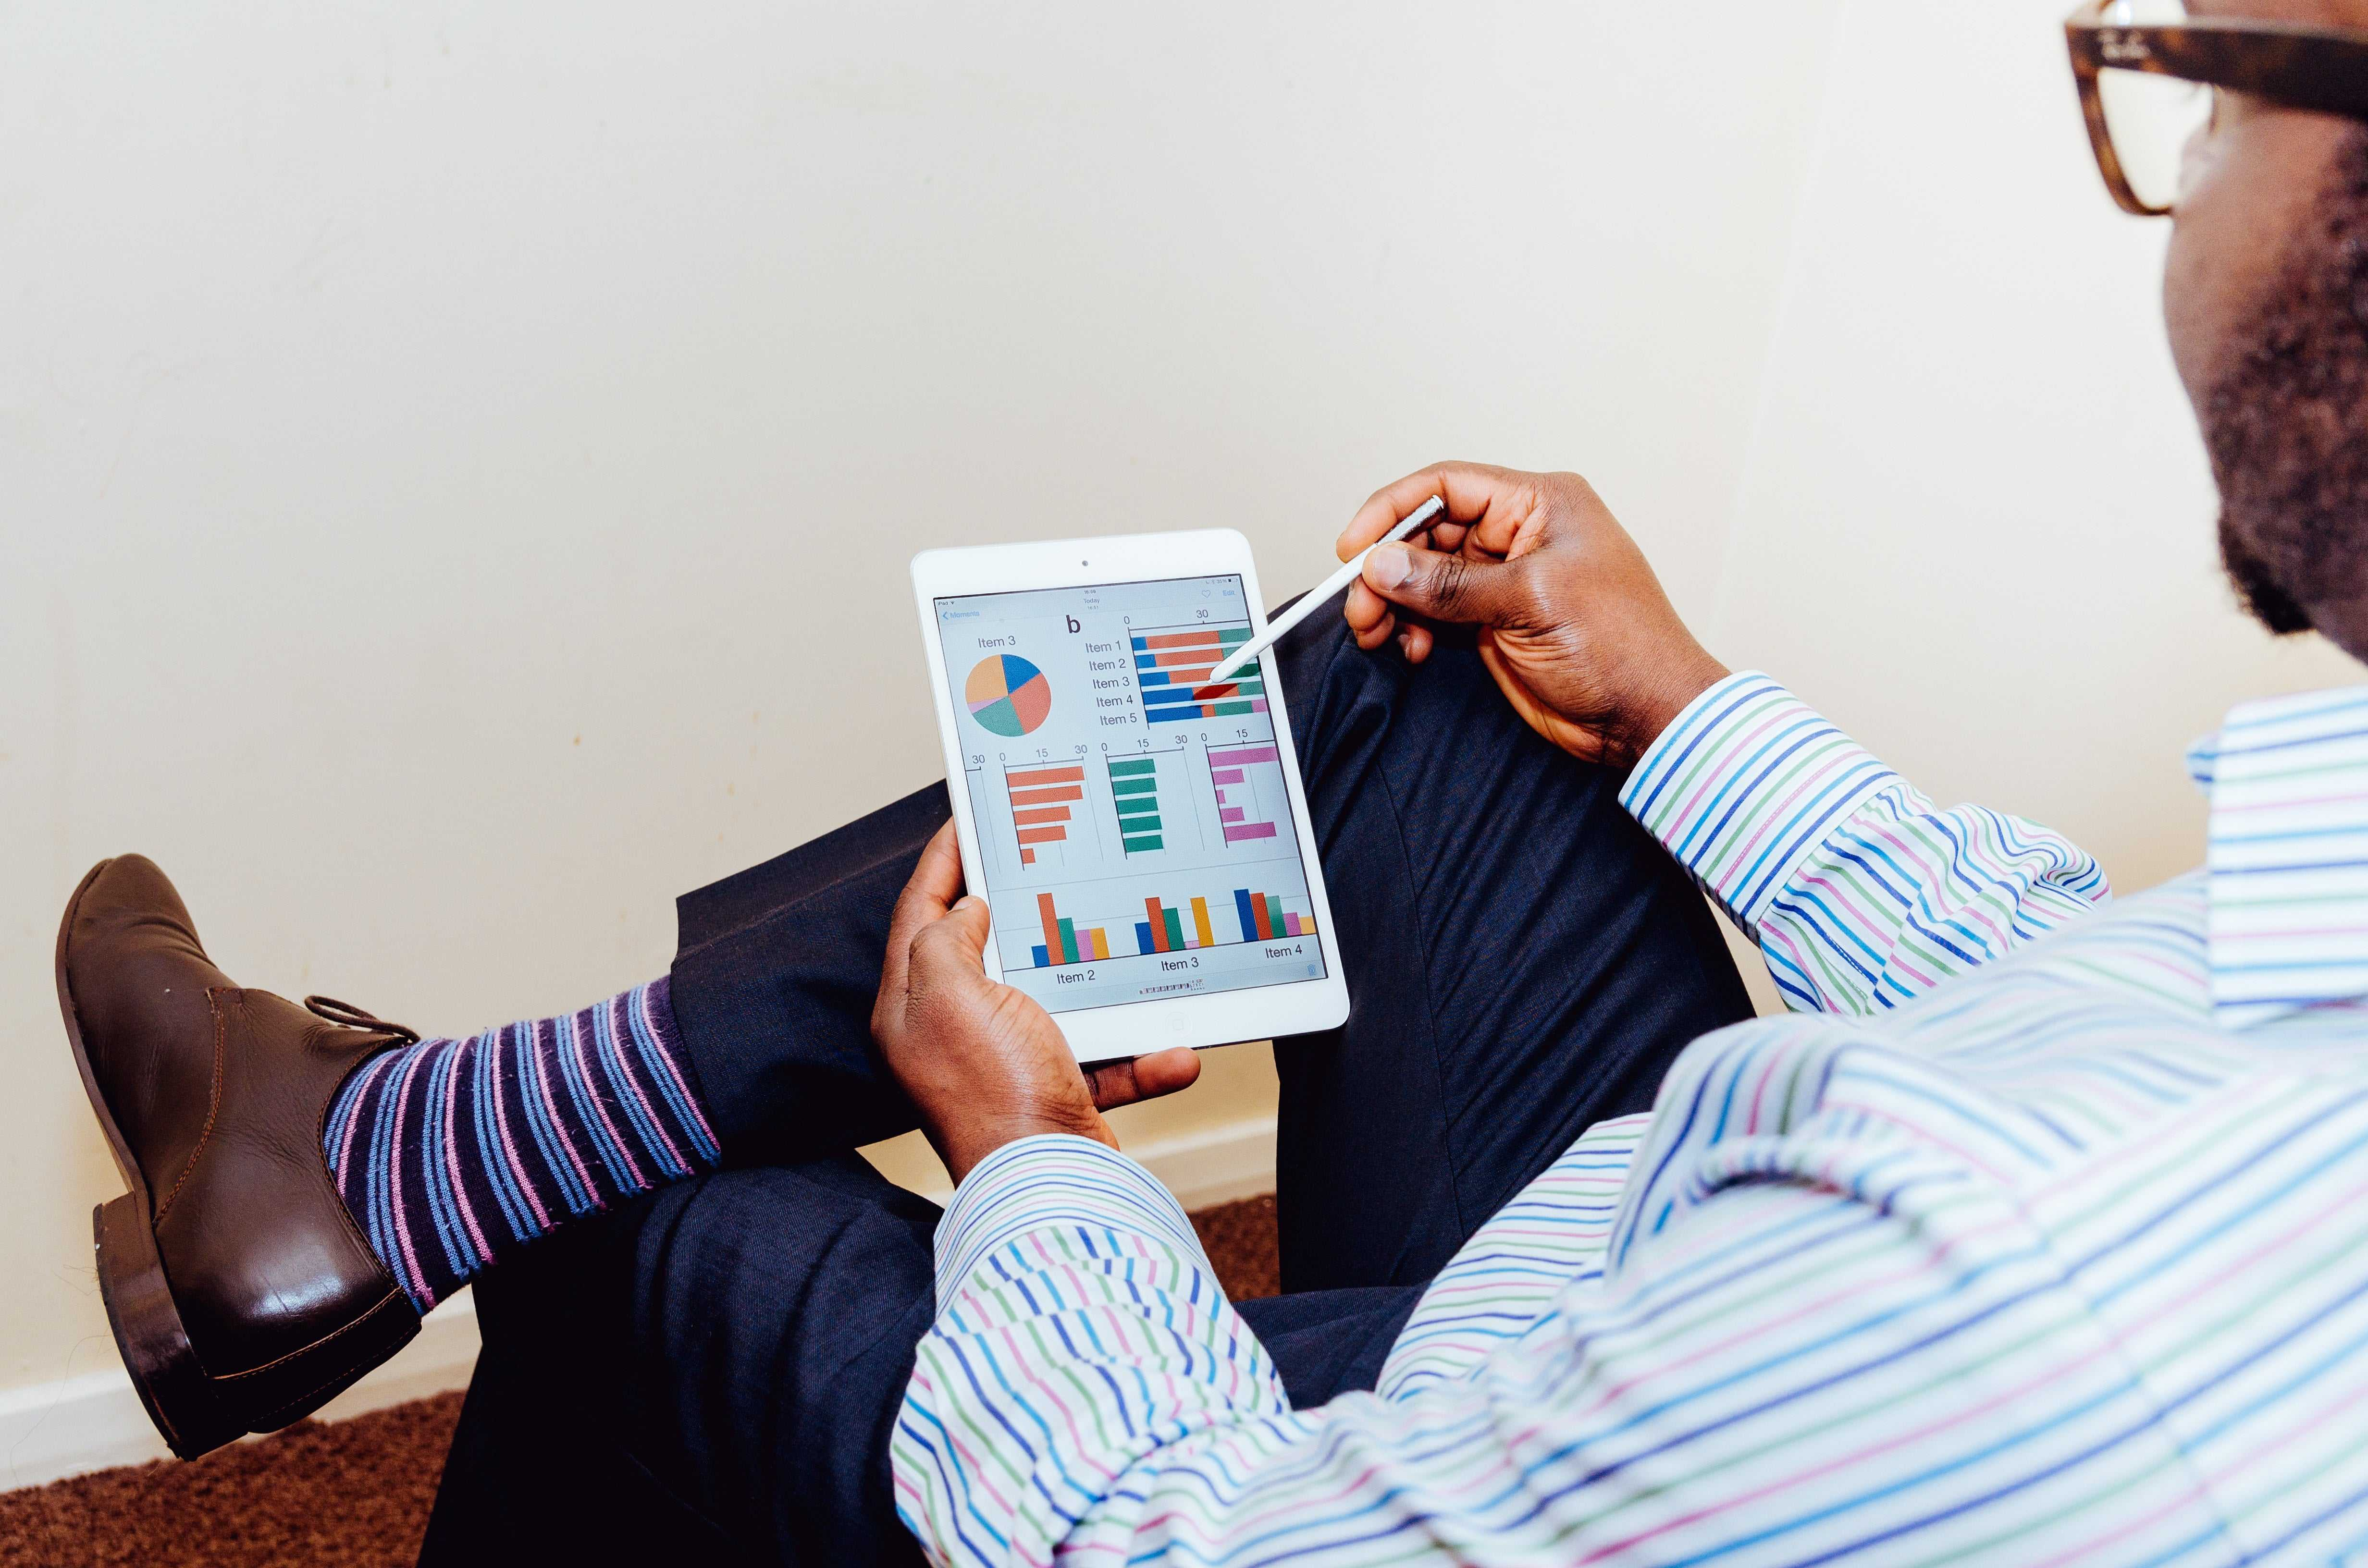 Simplifier l'état des lieux grâce à la GMAO - Logiciel de maintenance GMAO - Homme, tablette, écran, graphique, suivi